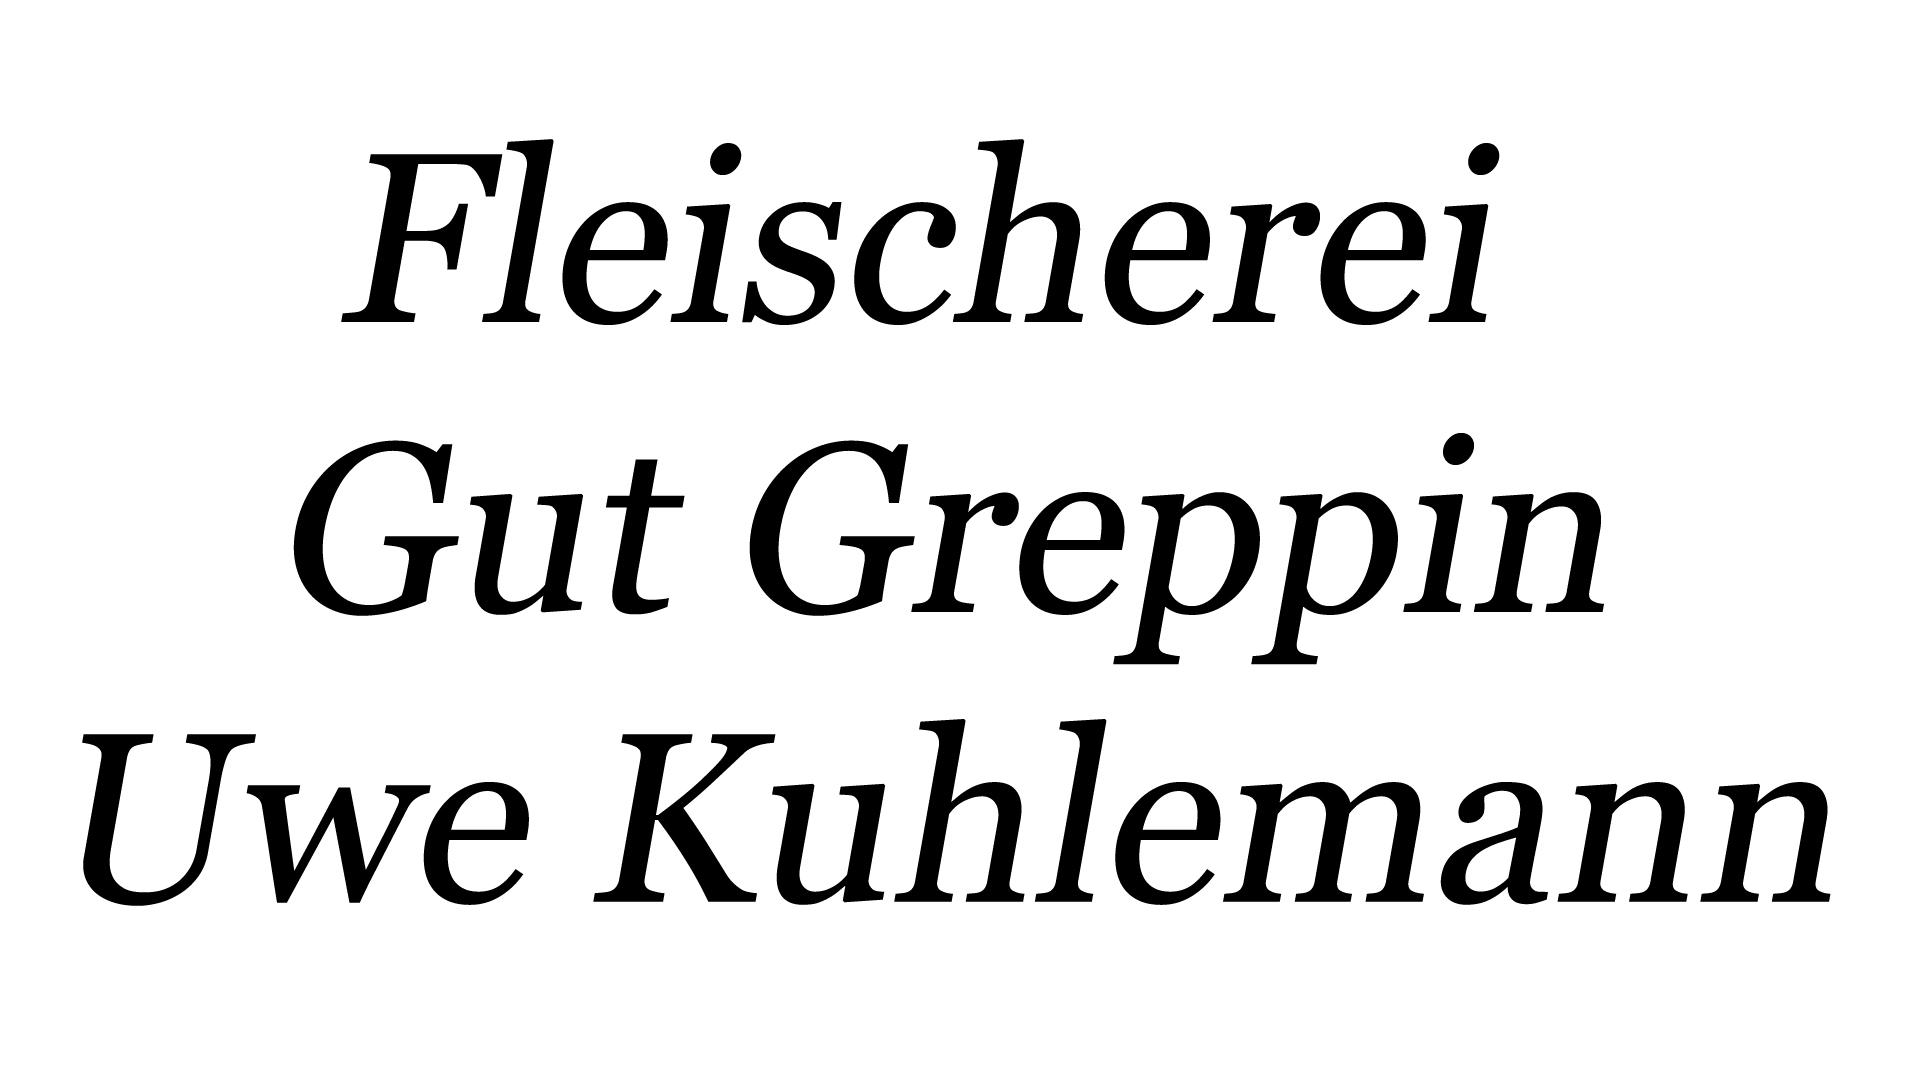 Fleischerei_GutGreppin_Kuhlemann